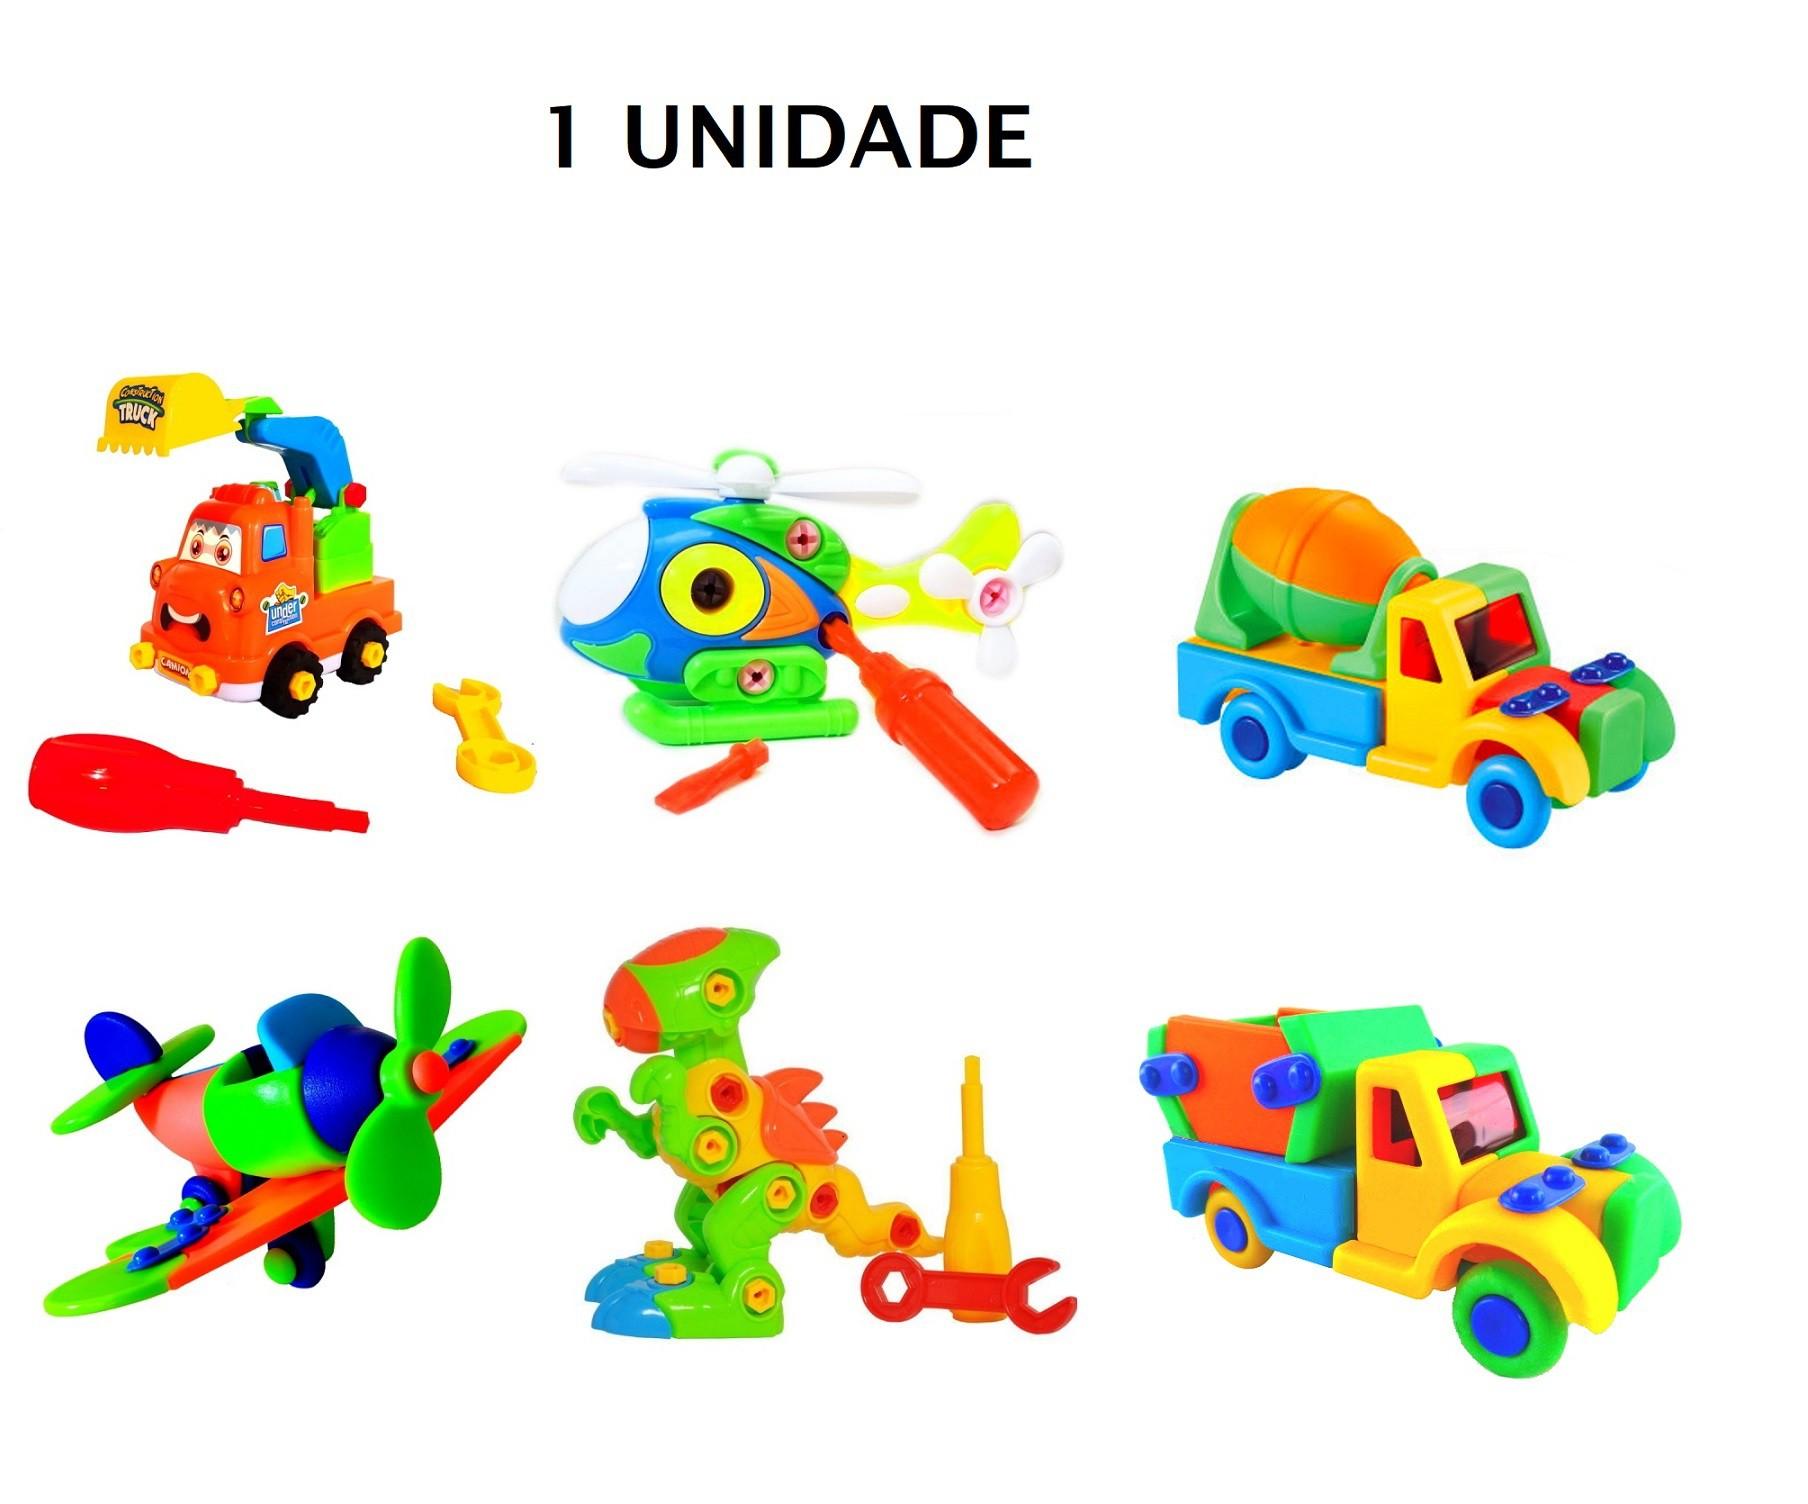 Brinquedo Educativo Monta e Desmonta com Chave - 1 unidade